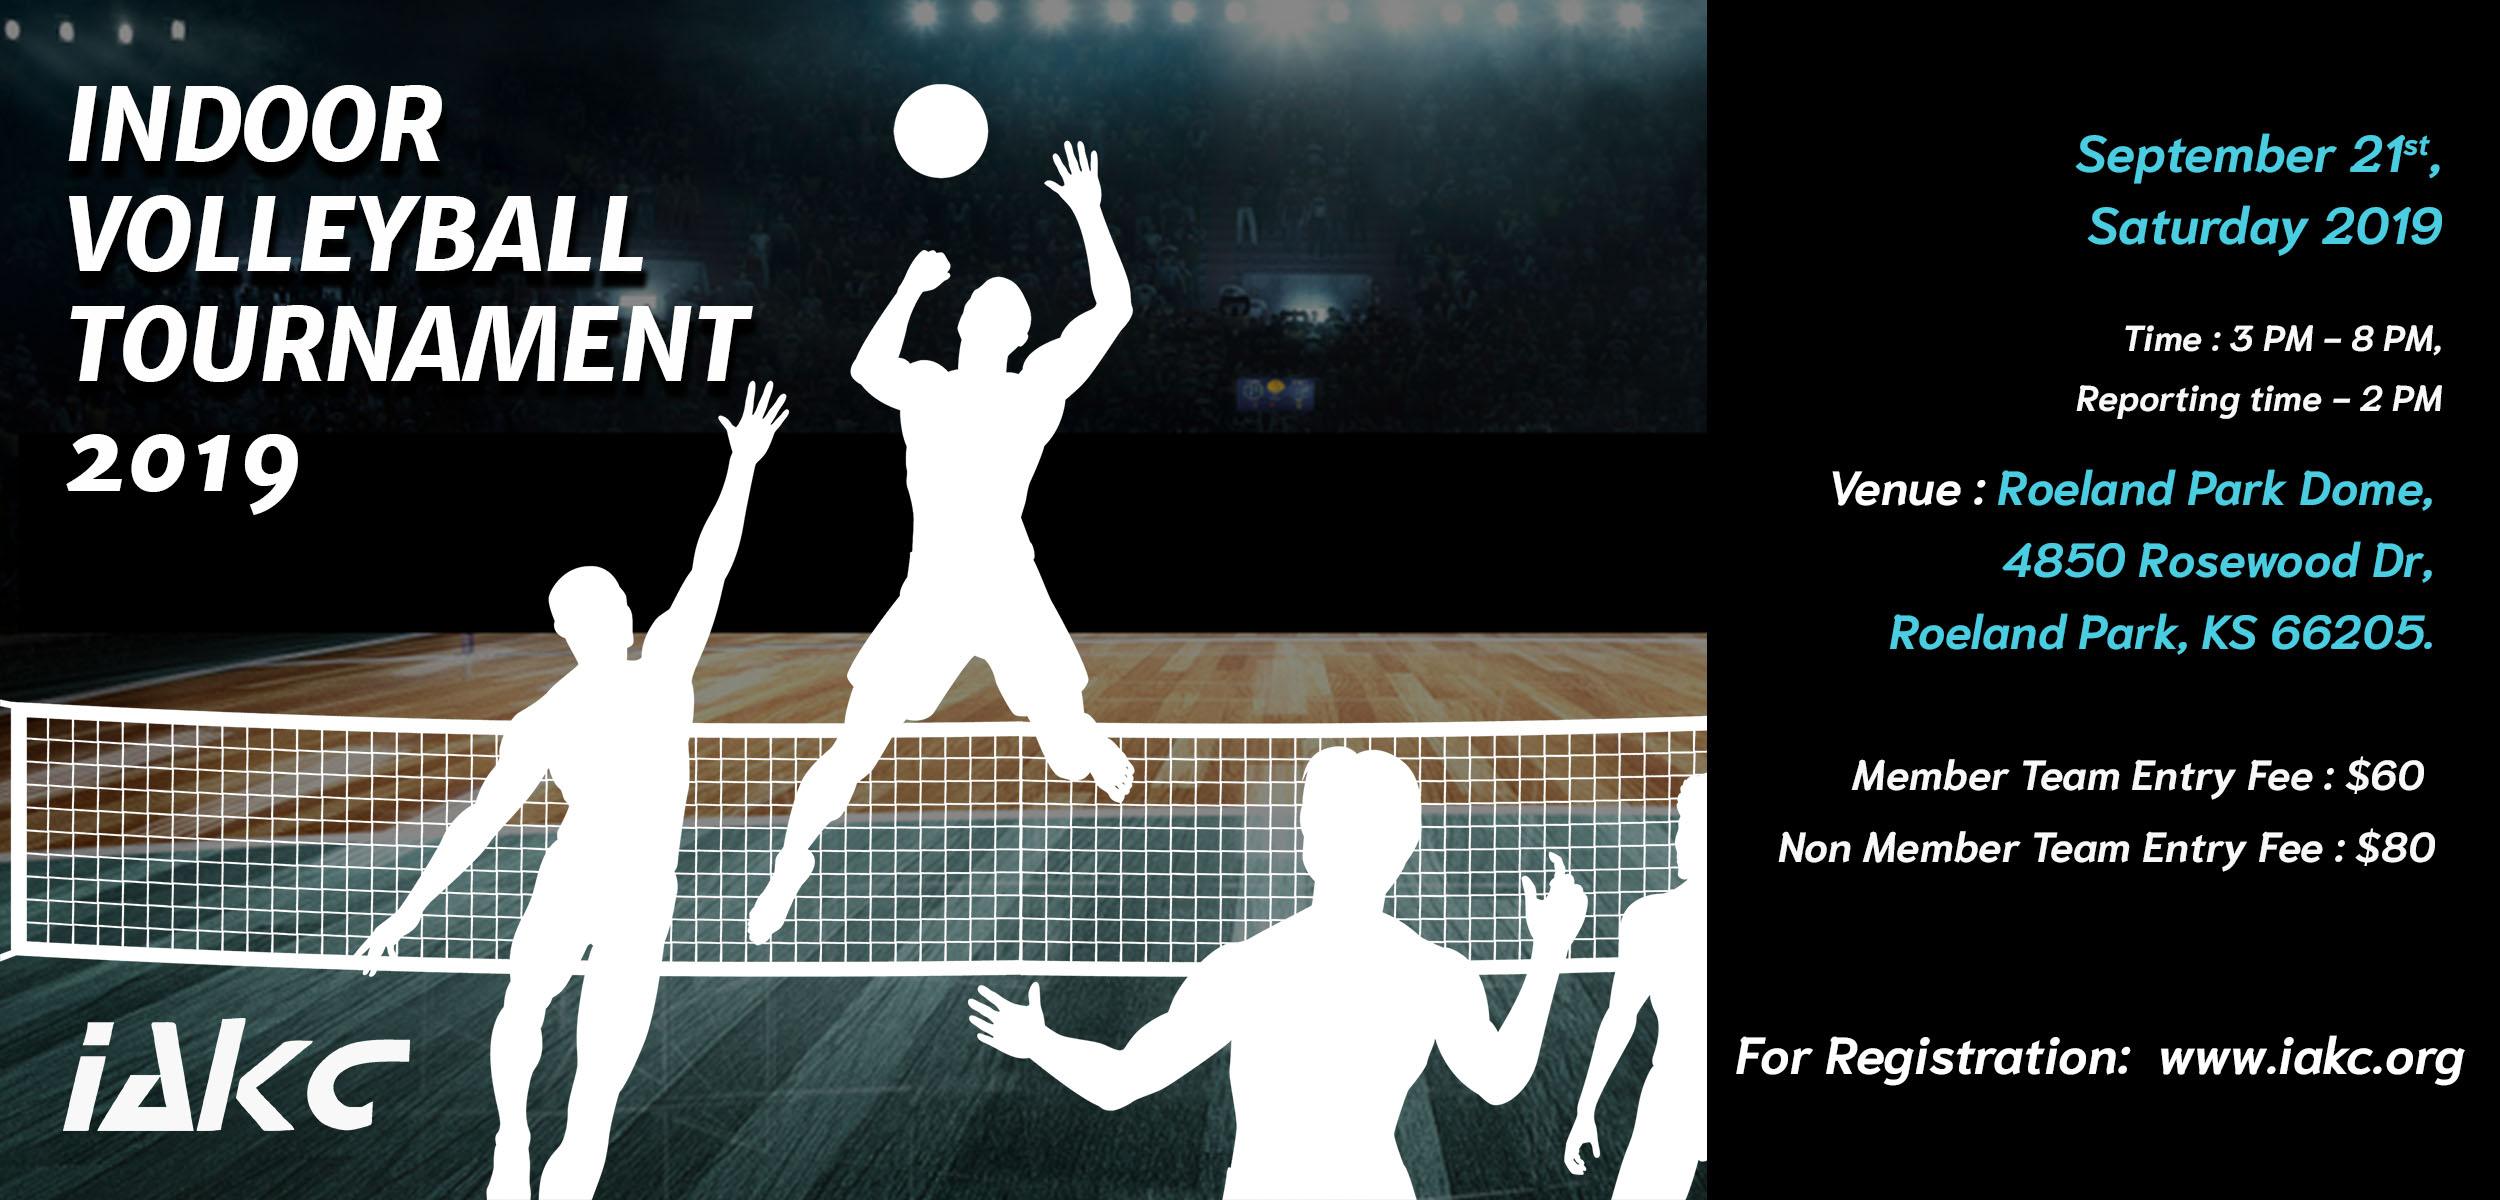 Indoor Volleyball Tournament